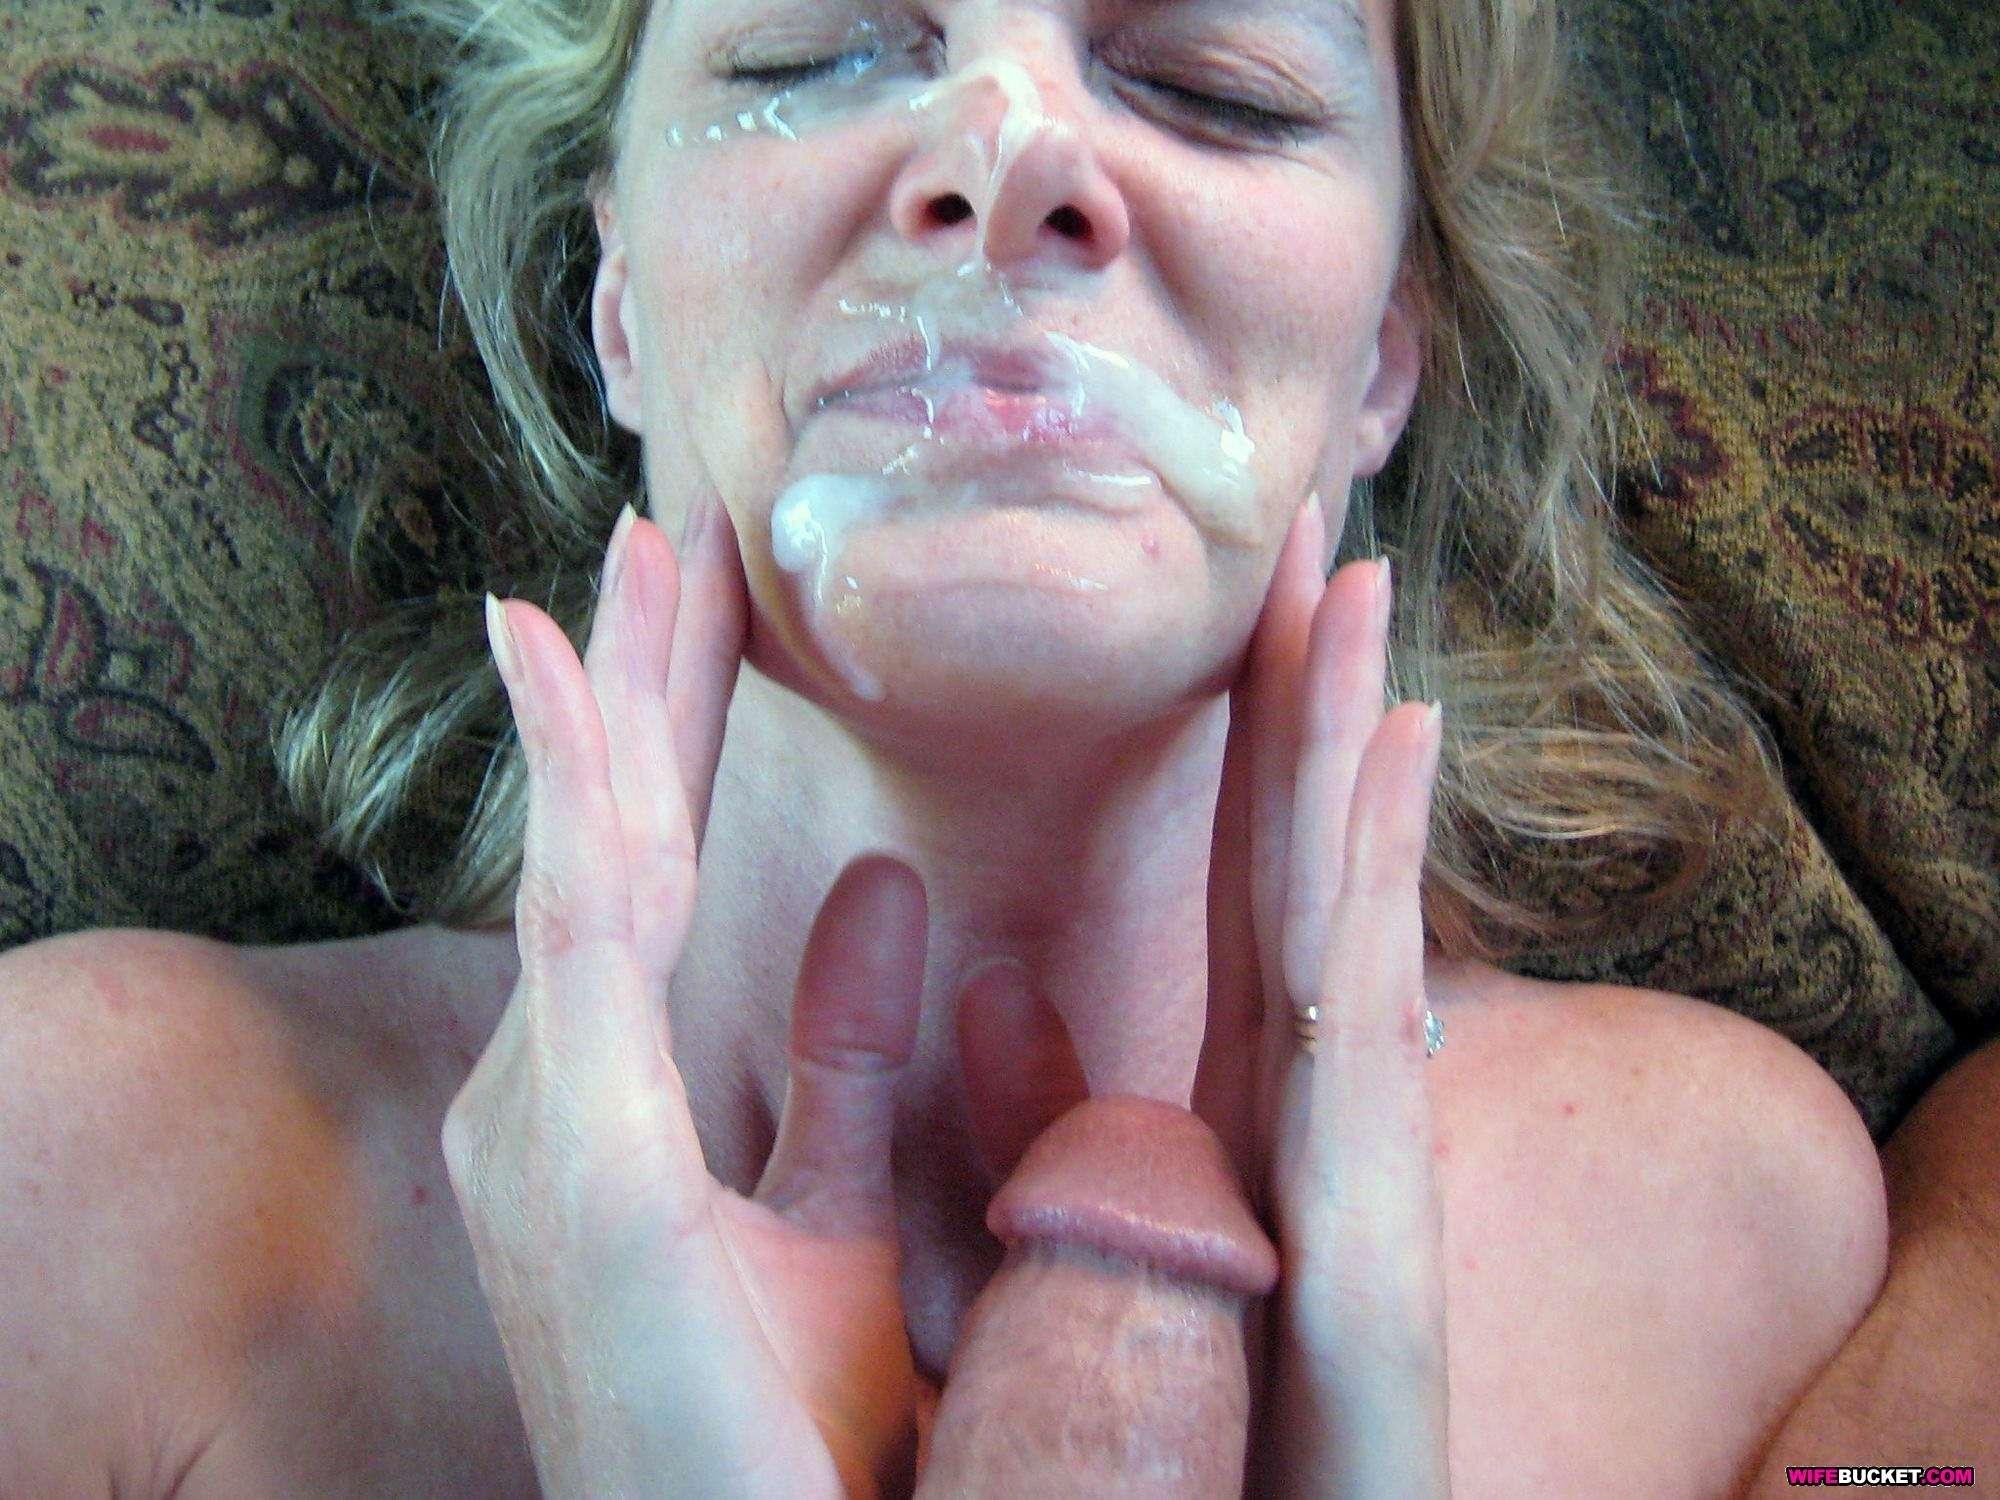 mamochki-dayut-v-kontakte-nyu-foto-zrelie-v-sperme-seks